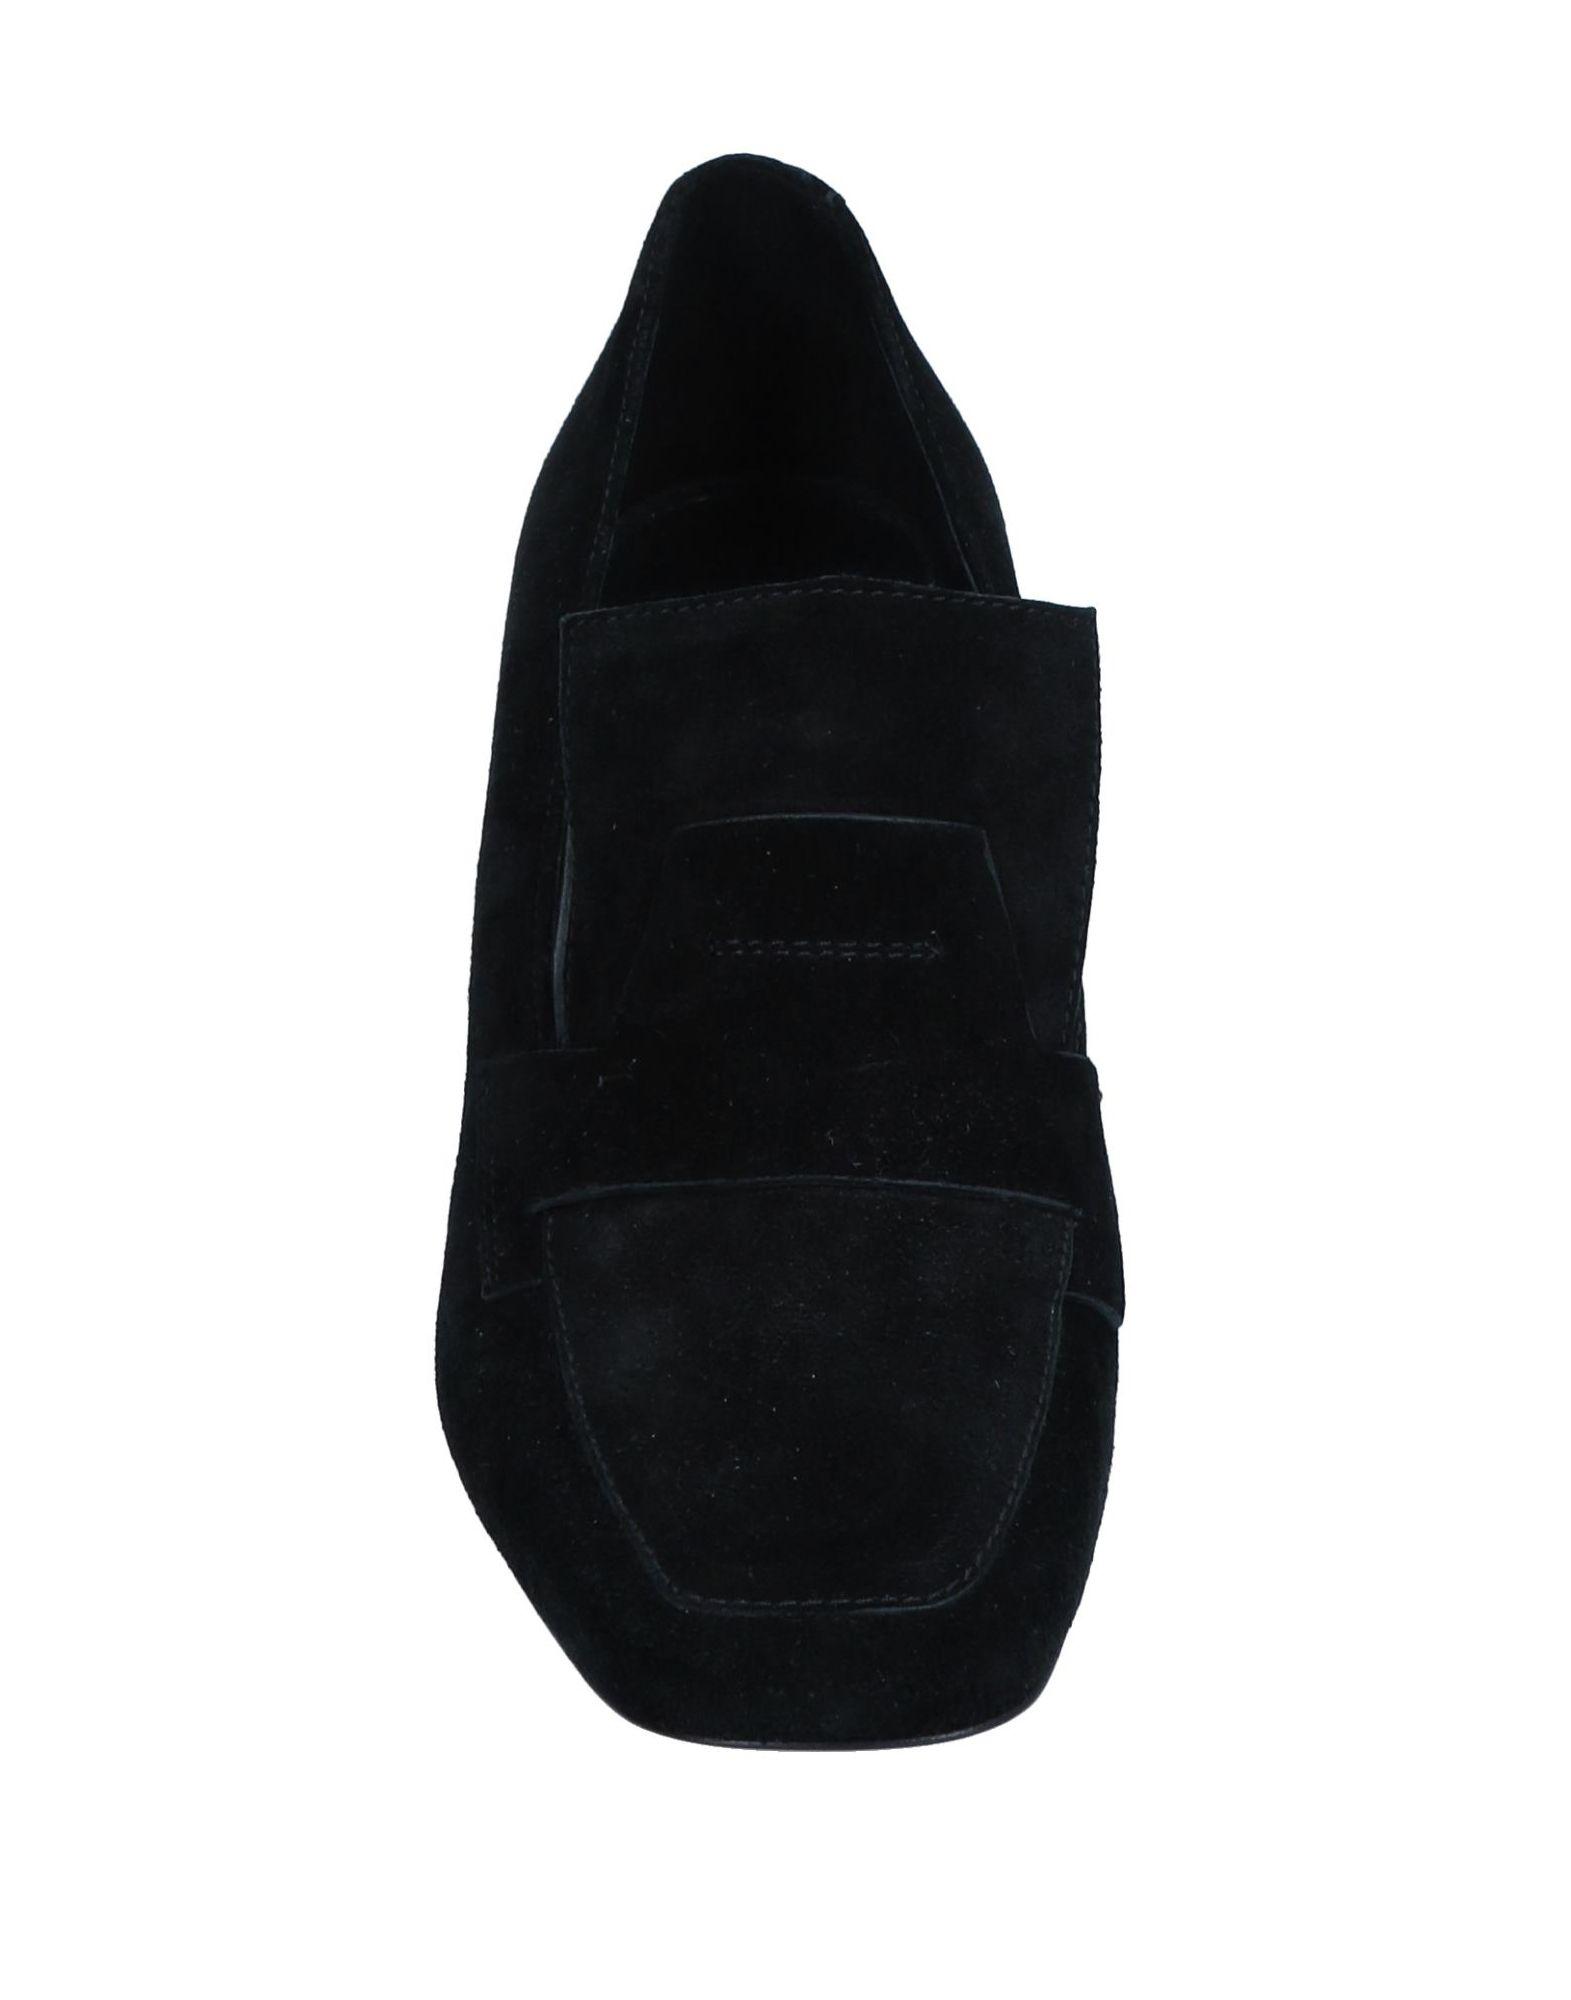 Stilvolle Mokassins billige Schuhe Vic Matiē Mokassins Stilvolle Damen  11549311QK 04f5aa